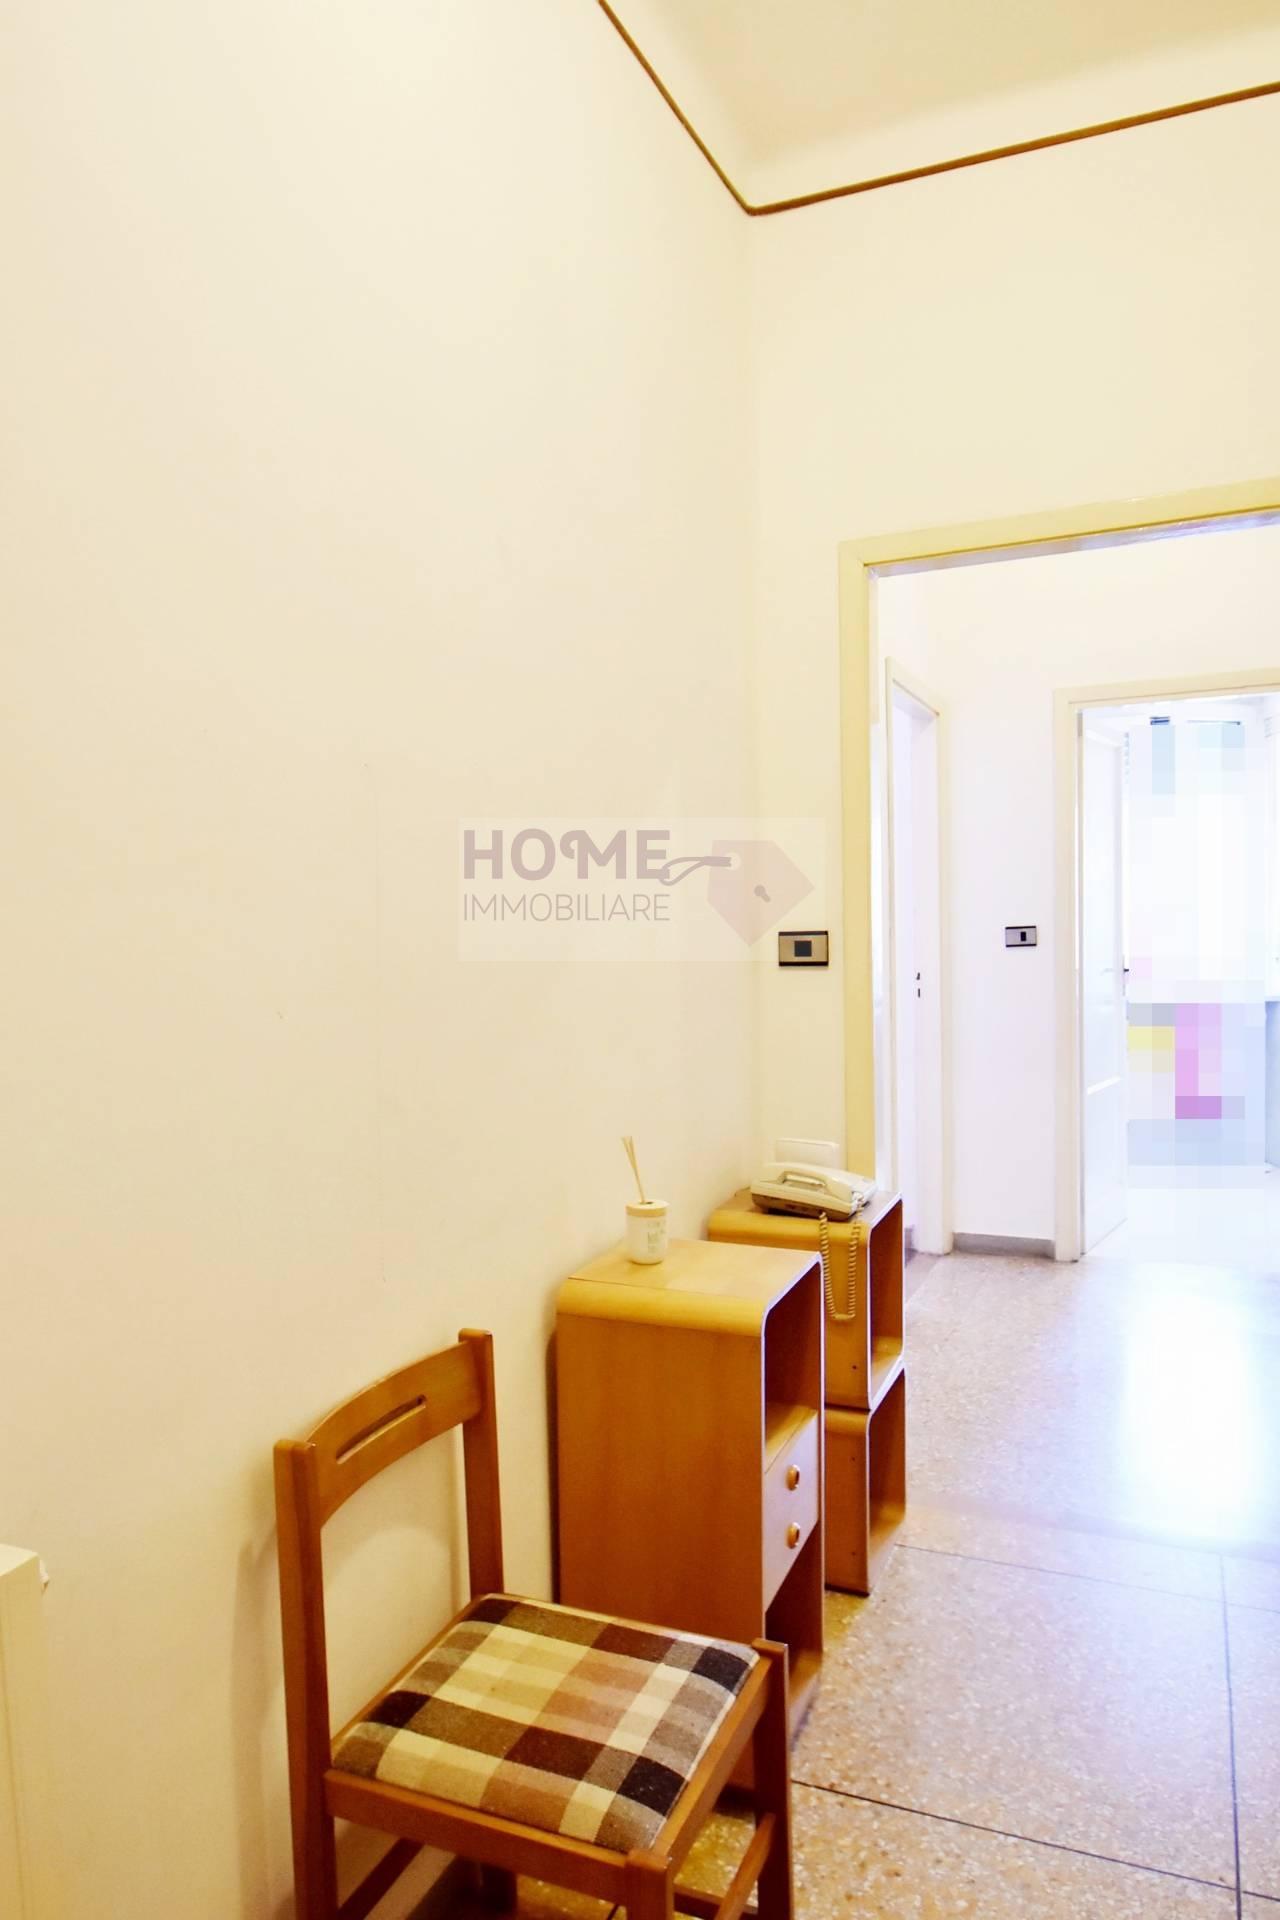 Appartamento MACERATA vendita  Corso Cairoli  Home Immobiliare Srl